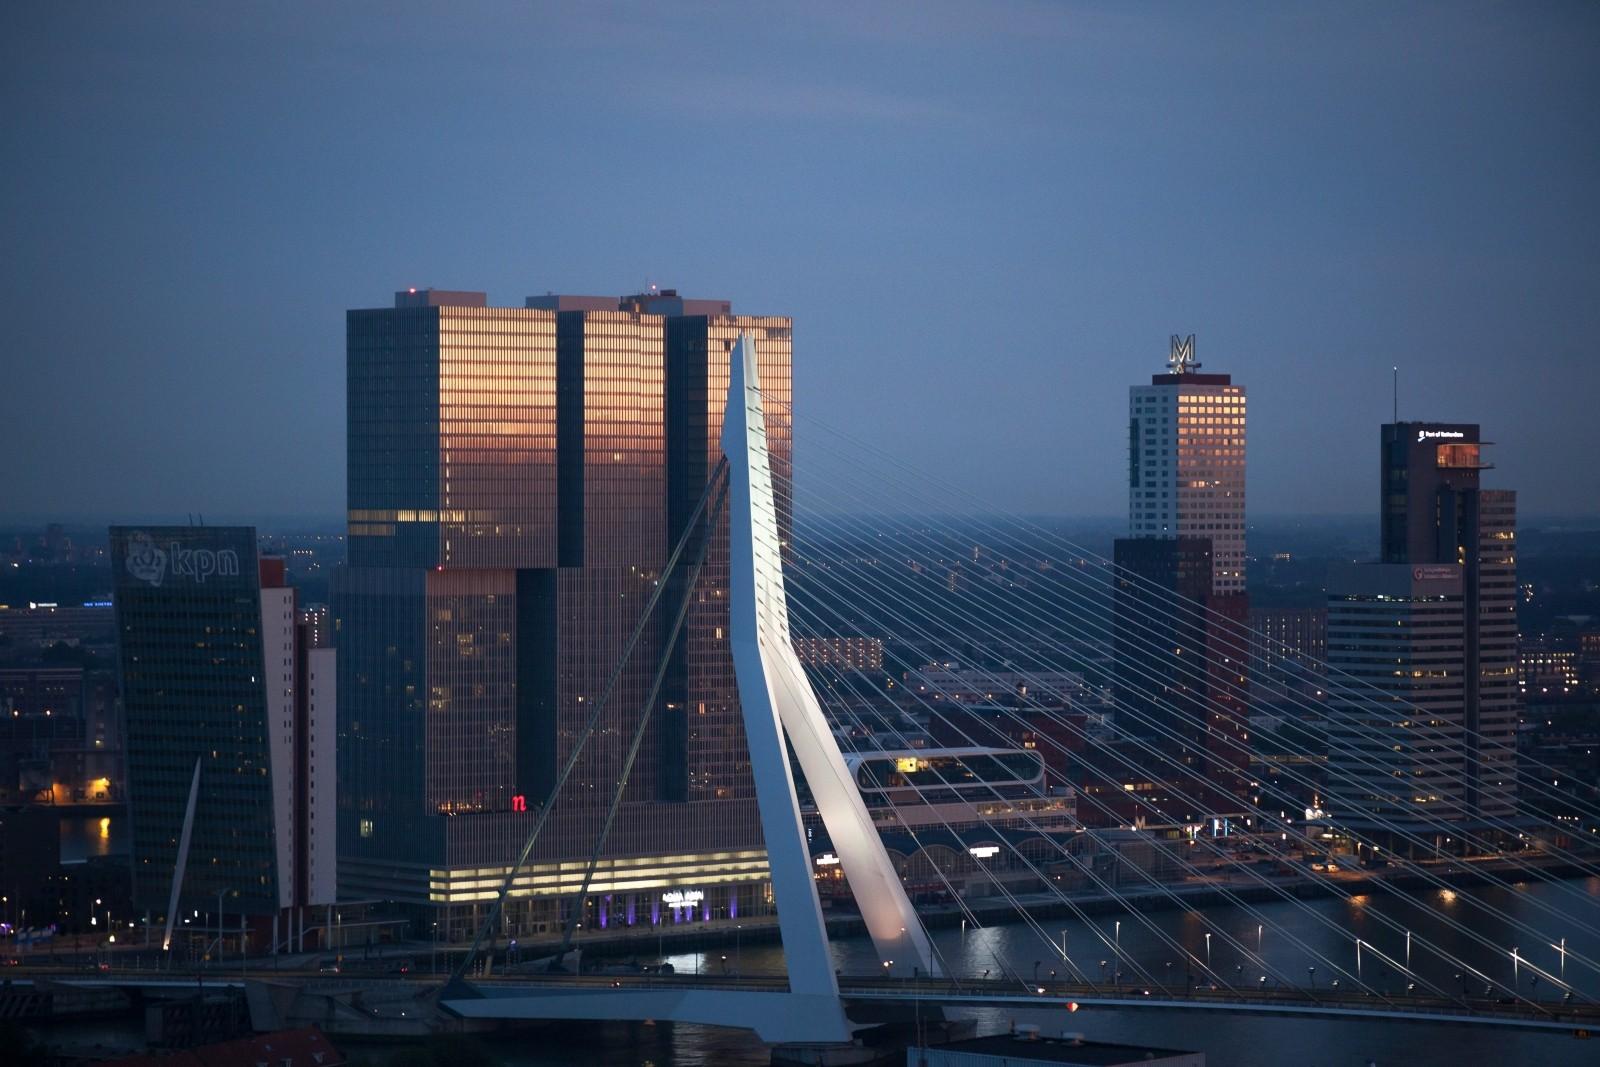 7. Países Bajos (7.339) No sufrió cambios entre 2015 y 2016. Foto: Wikimedia Commons